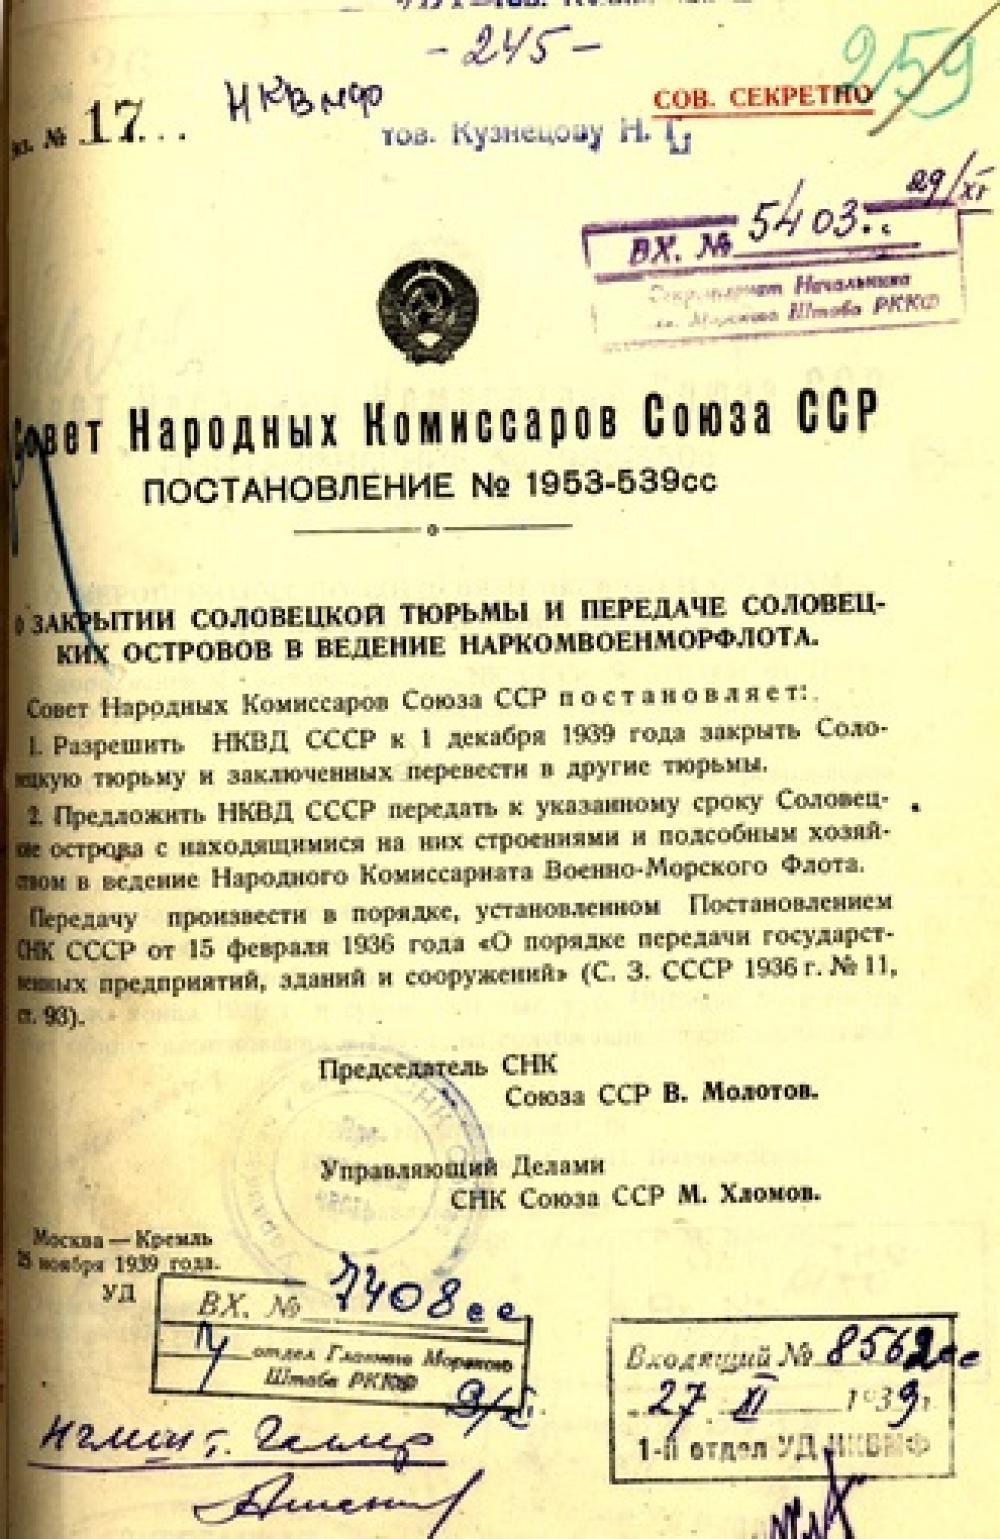 Постановление Совета Народных Комиссаров о закрытии тюрьмы ГУГБ на Соловецких островах